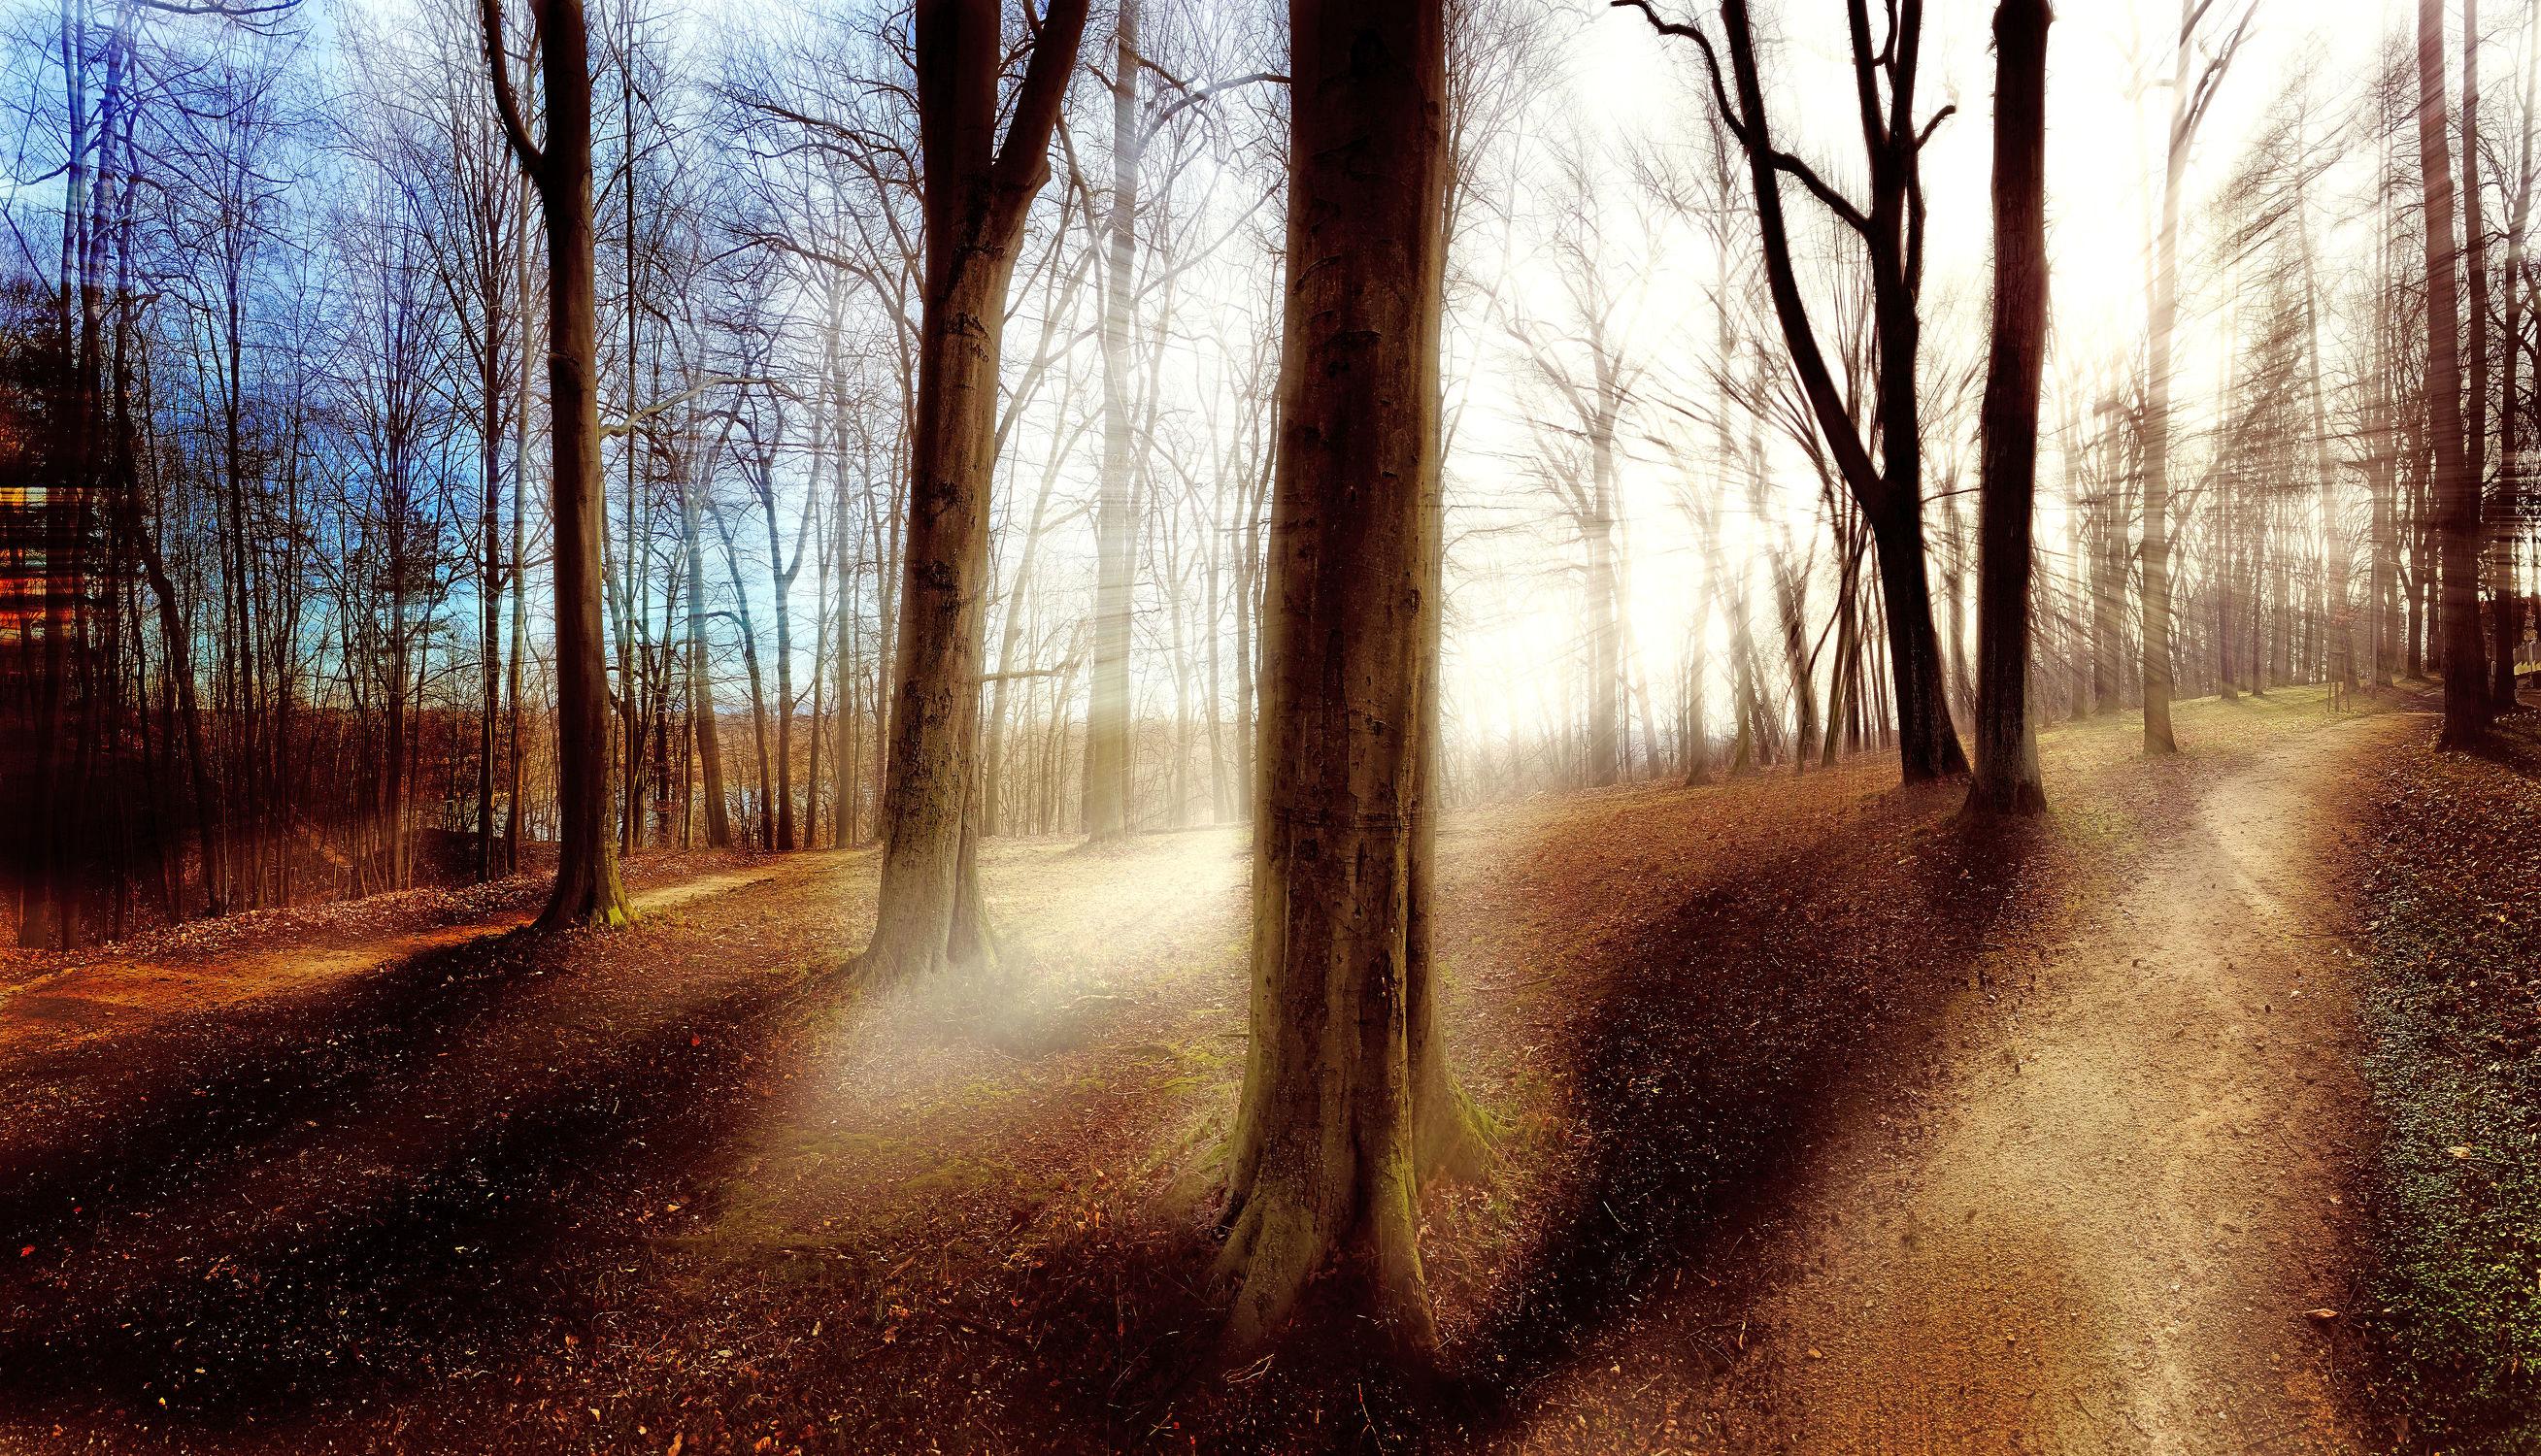 Bild mit Natur, Bäume, Nadelbäume, Wälder, Wald, Lichtung, Baum, Baumstamm, Landschaft, Märchenwald, Waldblick, Blick in den Wald, Forstwirtschaft, Forest, Waldbild, Waldbilder, Wald Bild, Wald Bilder, Nature, Tree, Baumstämme, Mischwald, Baumgewächs, Waldrand, Blick in den Wald mit Gegenlicht, Waldboden, Gegenlicht, Laubwald, mystisch